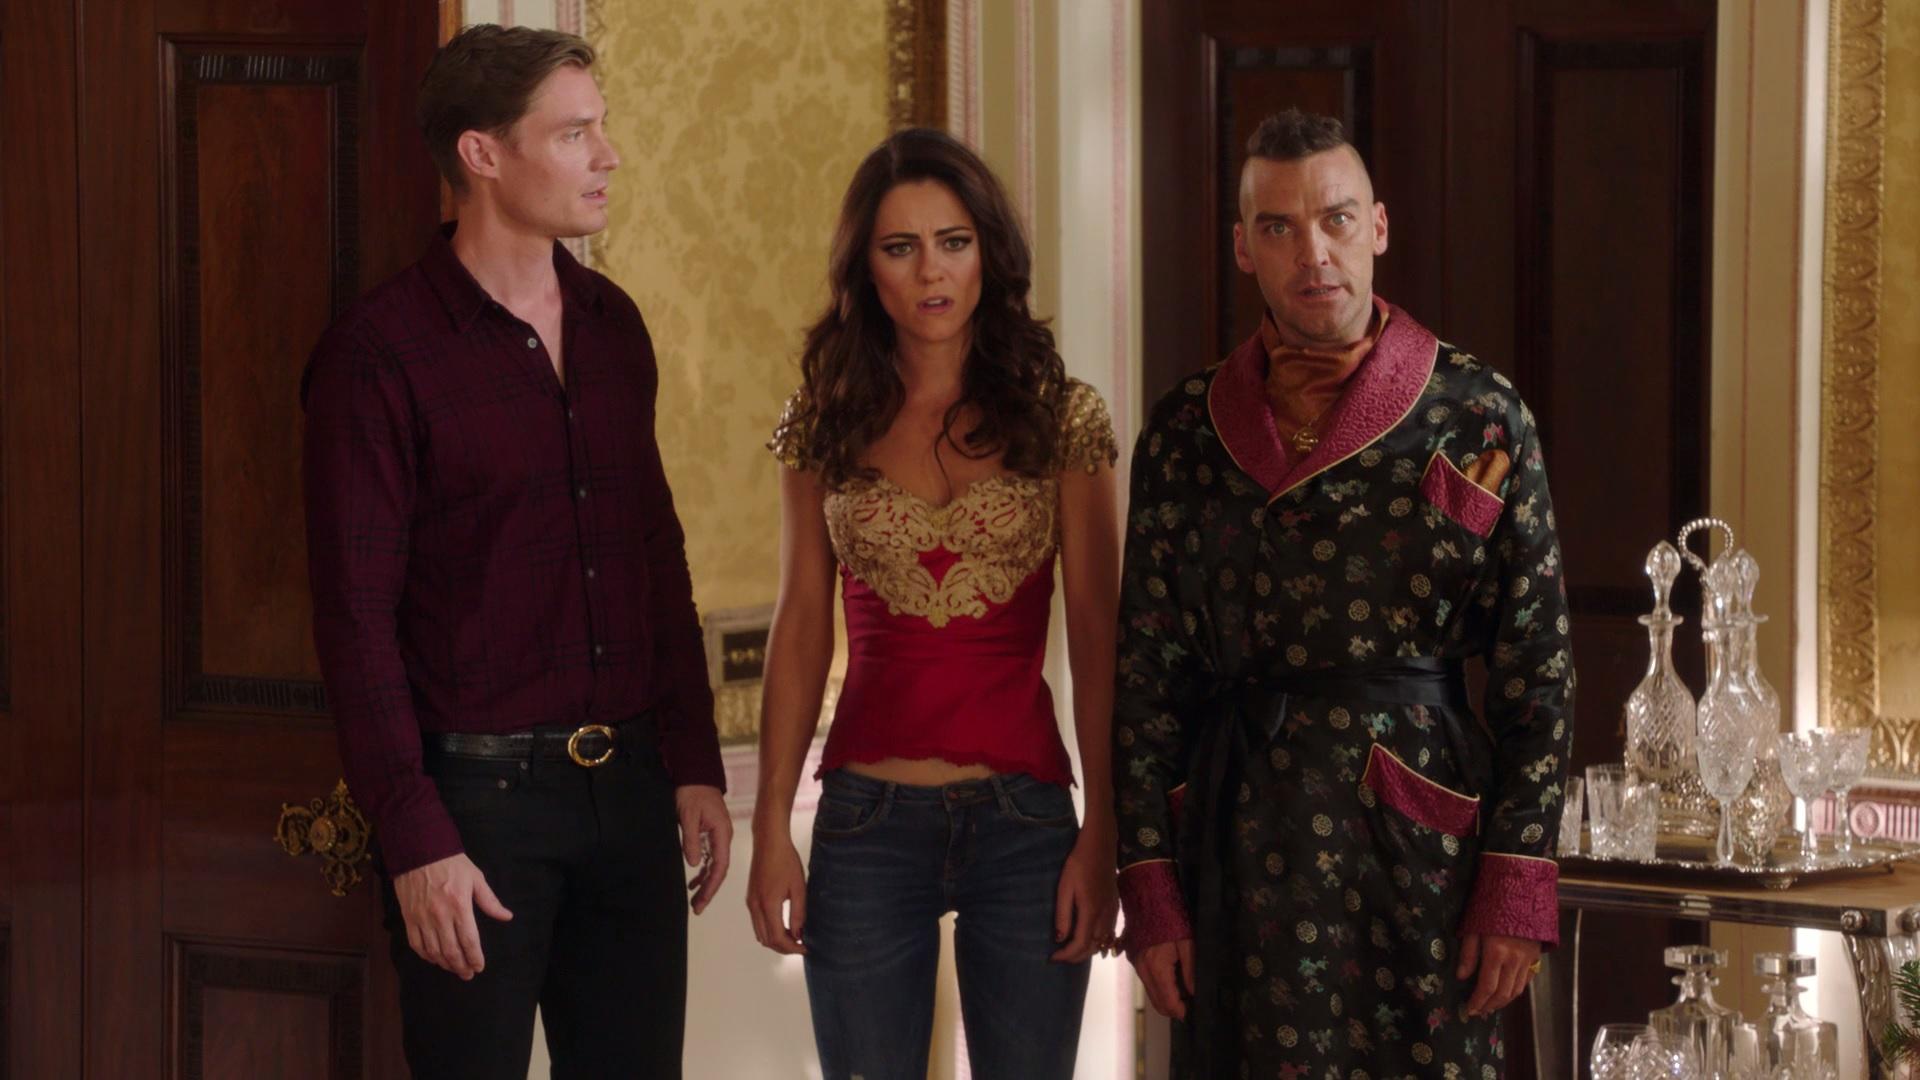 The Royals' Season 3, Episode 6 Recap: A Royal Christmas